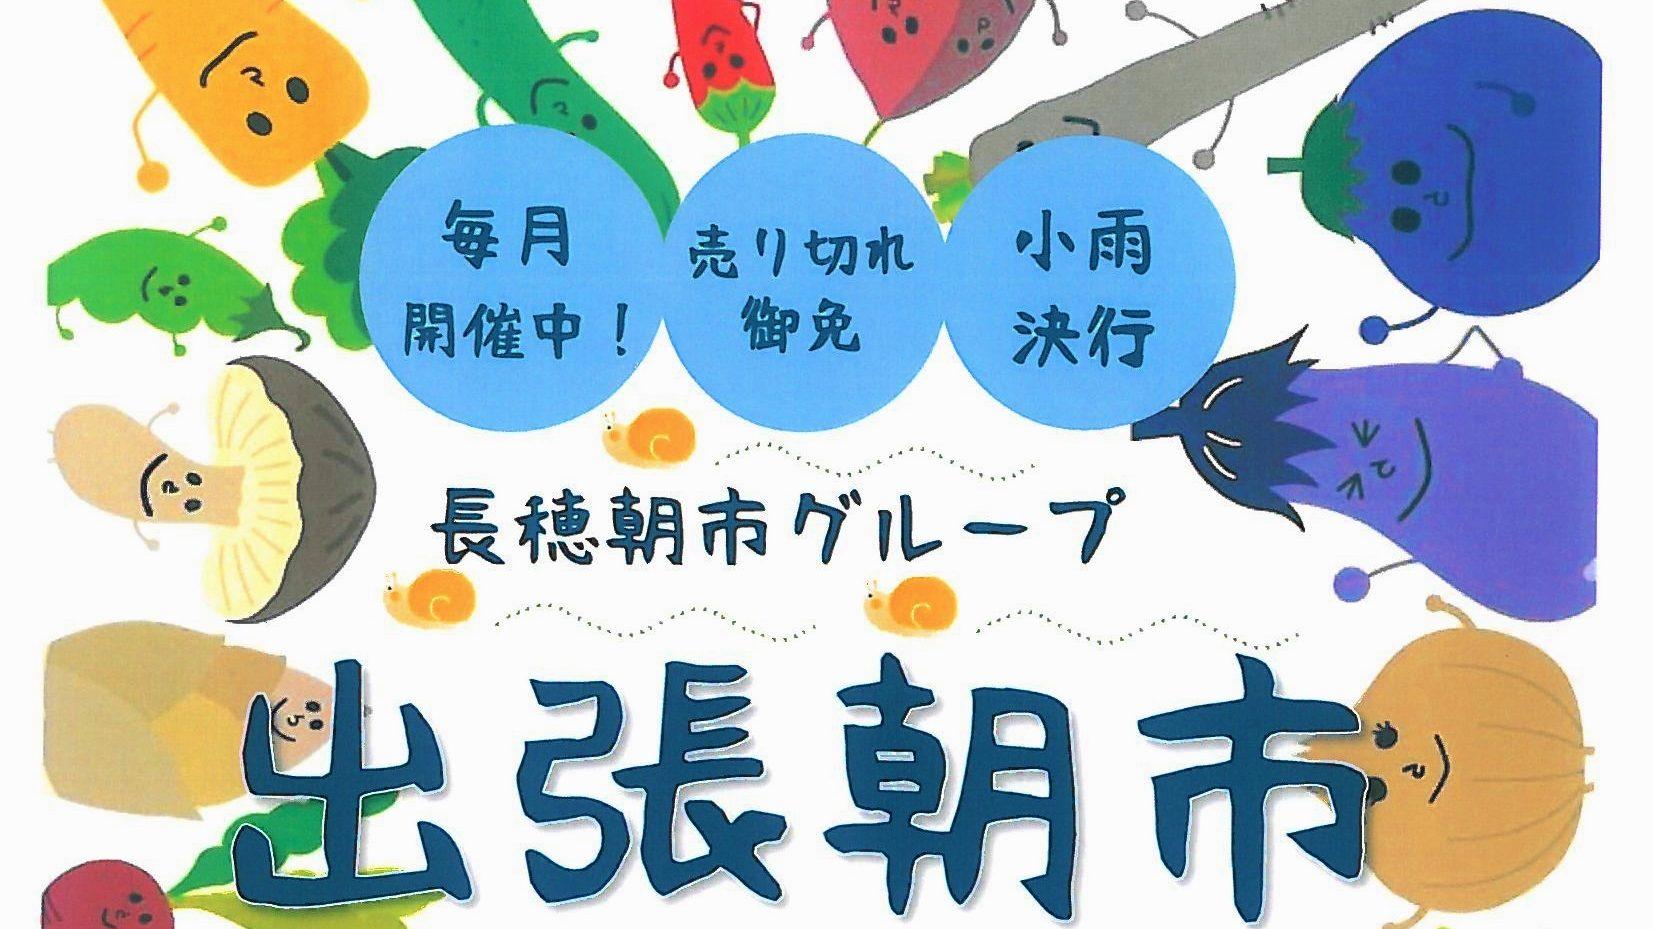 毎回大人気!新鮮野菜が揃う軽トラ朝市が夏の訪れとともに徳山の街に戻ってきます!